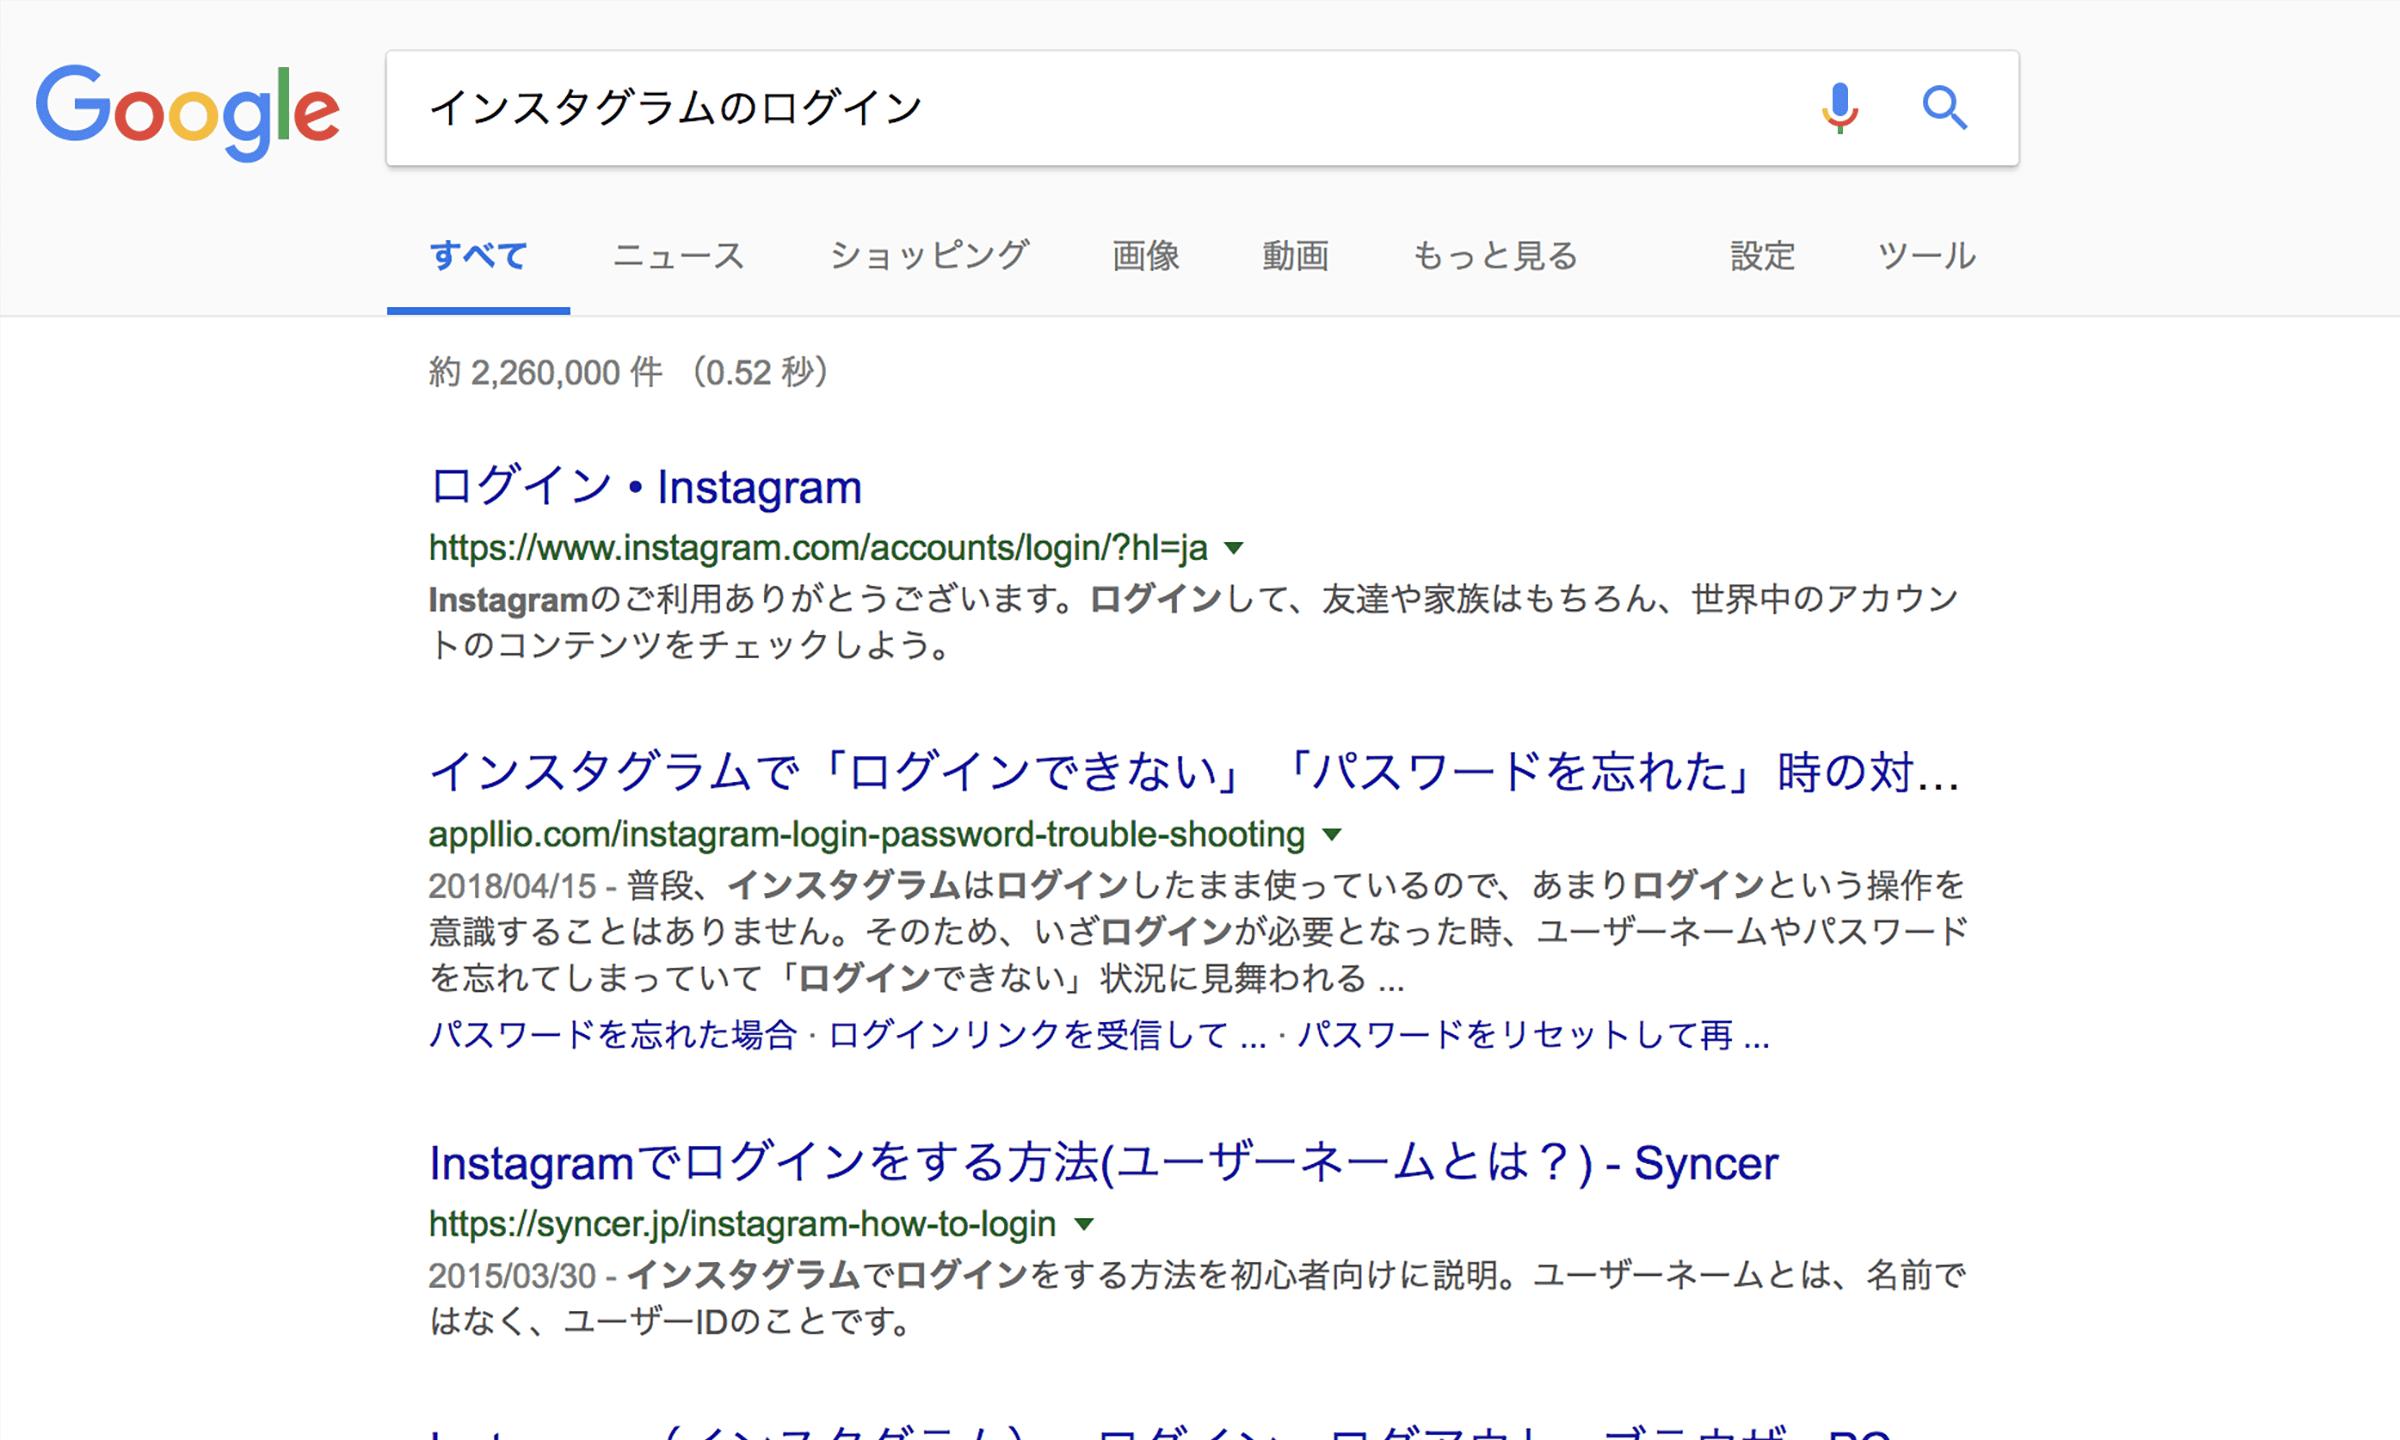 購入検索型クエリ